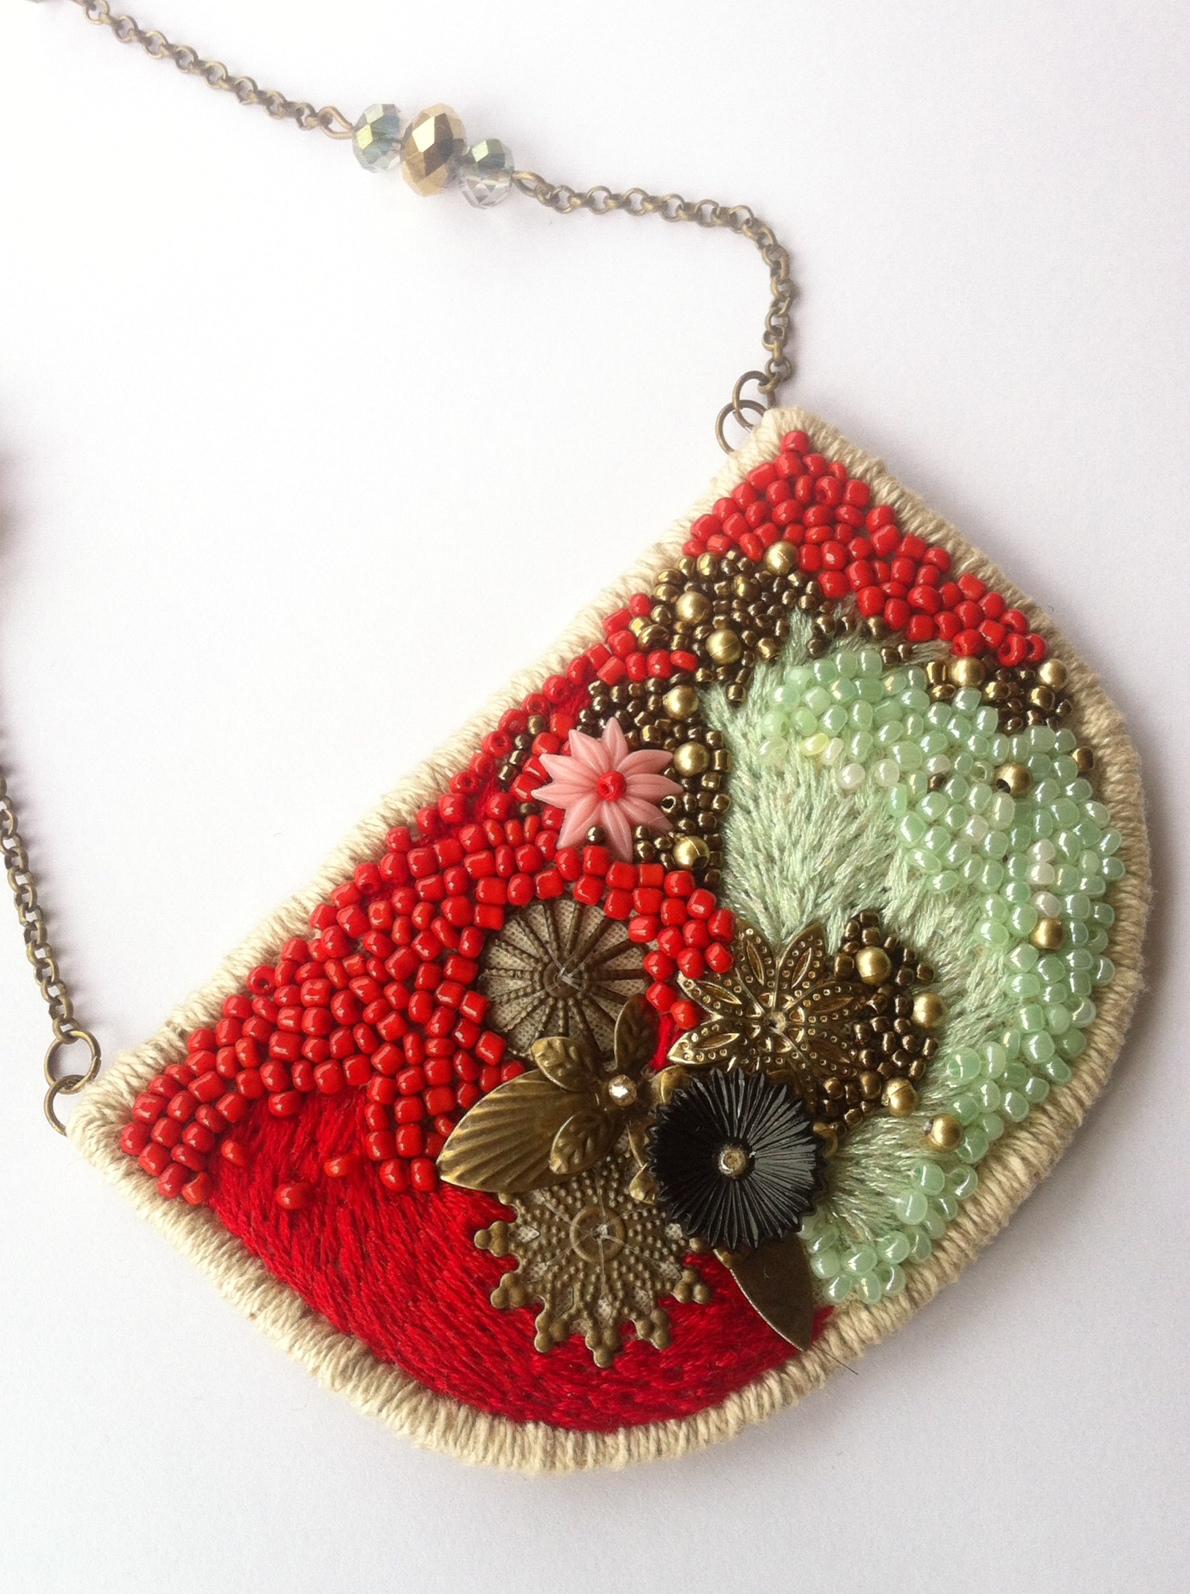 Collar bordado a mano con hilo de algodón, metalizado, mostacillas y piezas de latón. Cadena con cristales chinos. No disponible.